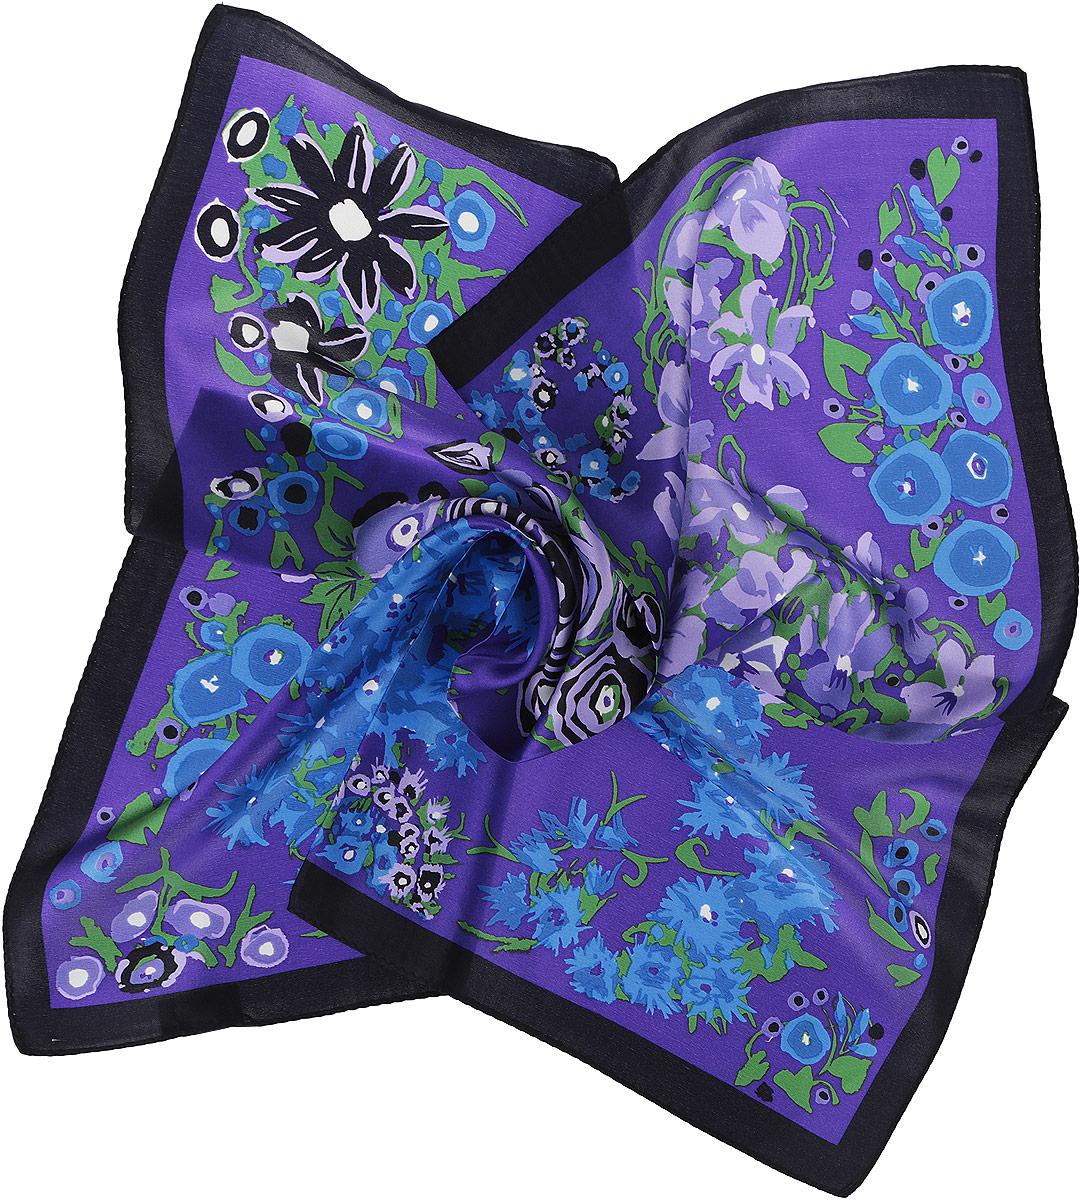 Платок женский Moltini, цвет: фиолетовый, синий, черный. 216120-1G. Размер 55 см х 55 см216120-1GПлаток Moltini станет изысканным аксессуаром, который призван подчеркнуть индивидуальность и очарование женщины. Платок выполнен из 100% шелка и оформлен прекрасным цветочным принтом.Этот модный аксессуар женского гардероба гармонично дополнит образ современной женщины, следящей за своим имиджем и стремящейся всегда оставаться стильной и элегантной.